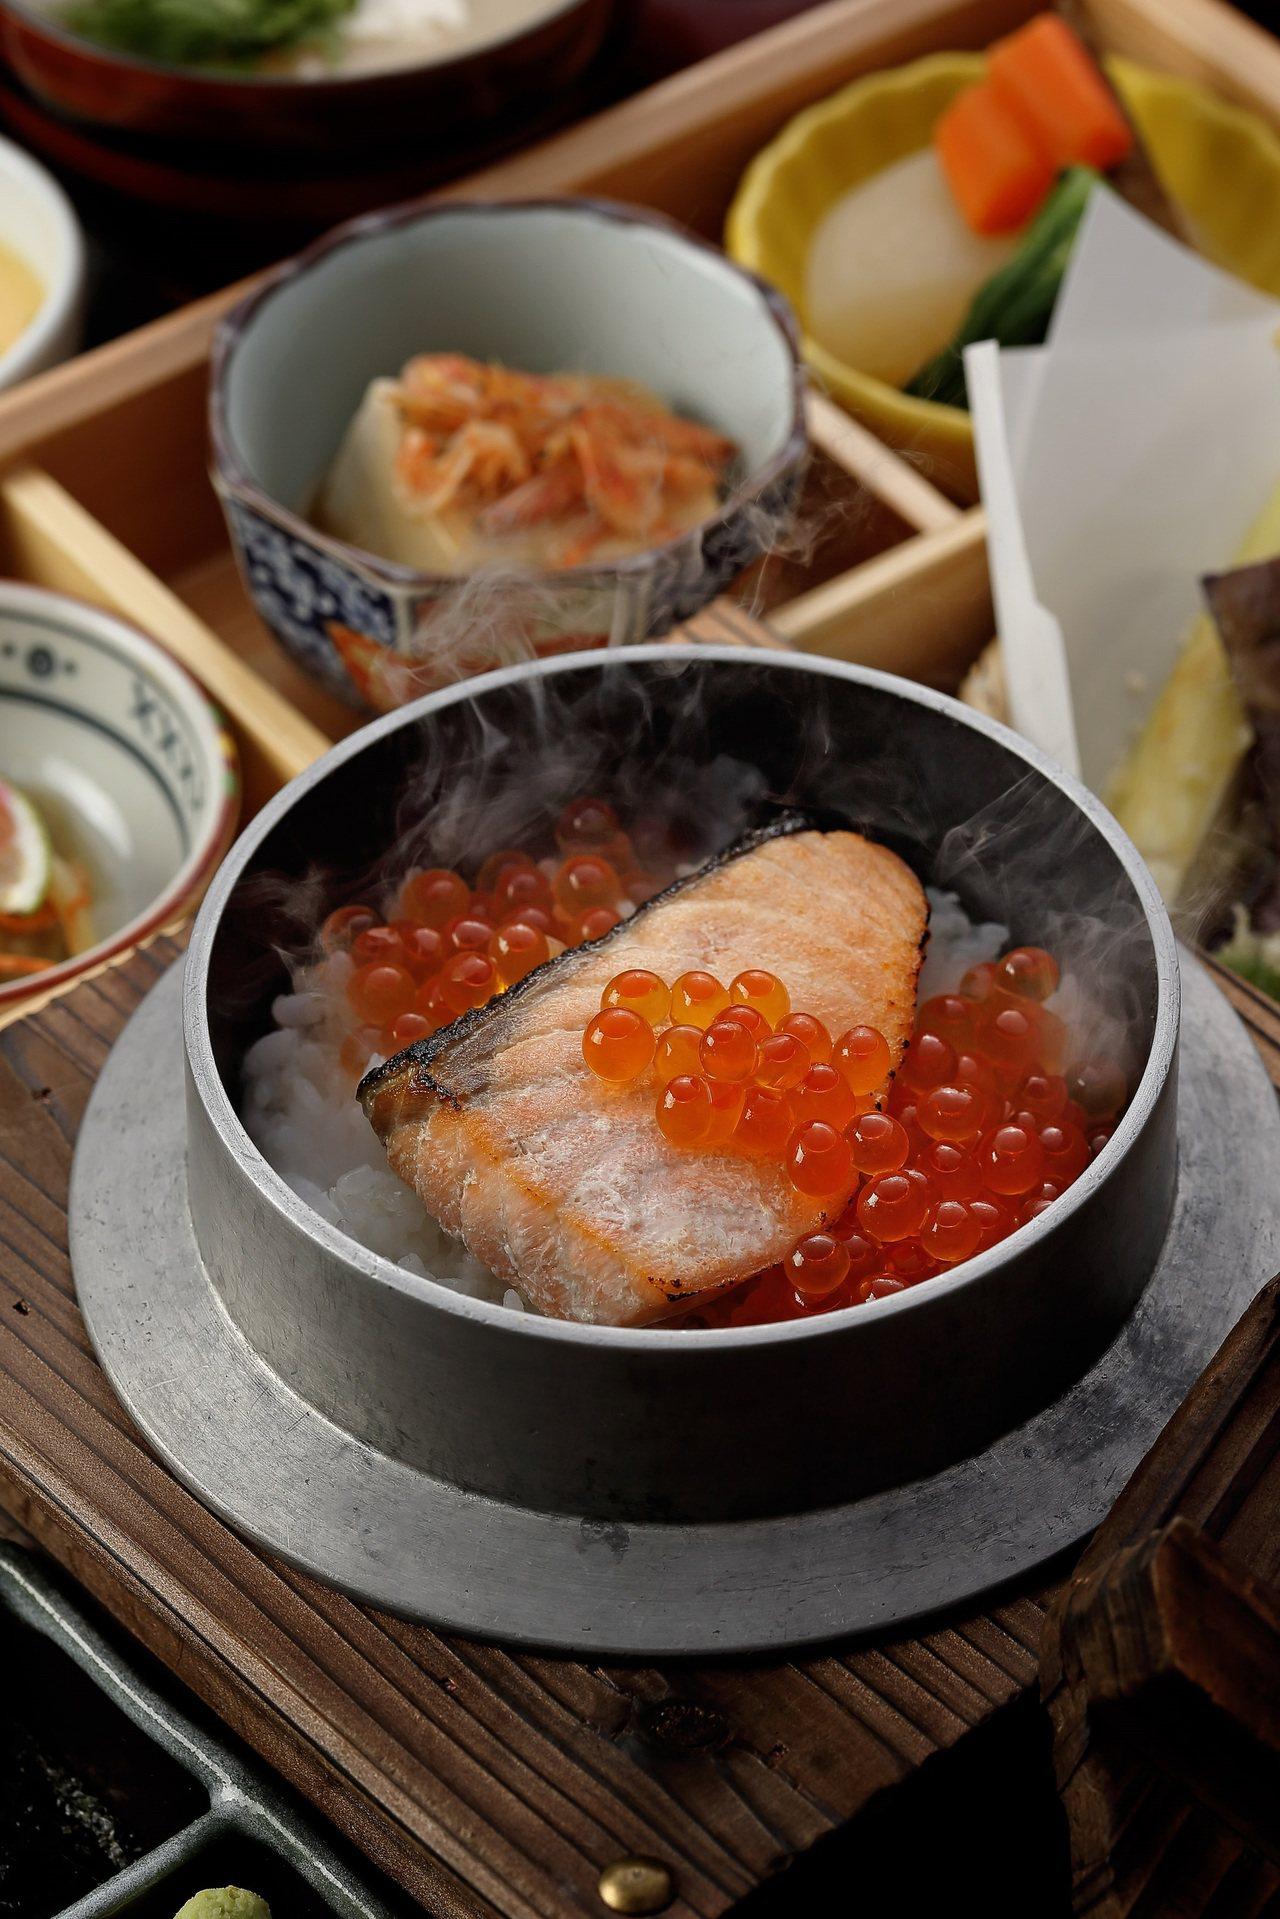 鮭魚親子釜飯御膳。圖/鳥丈爐端燒提供